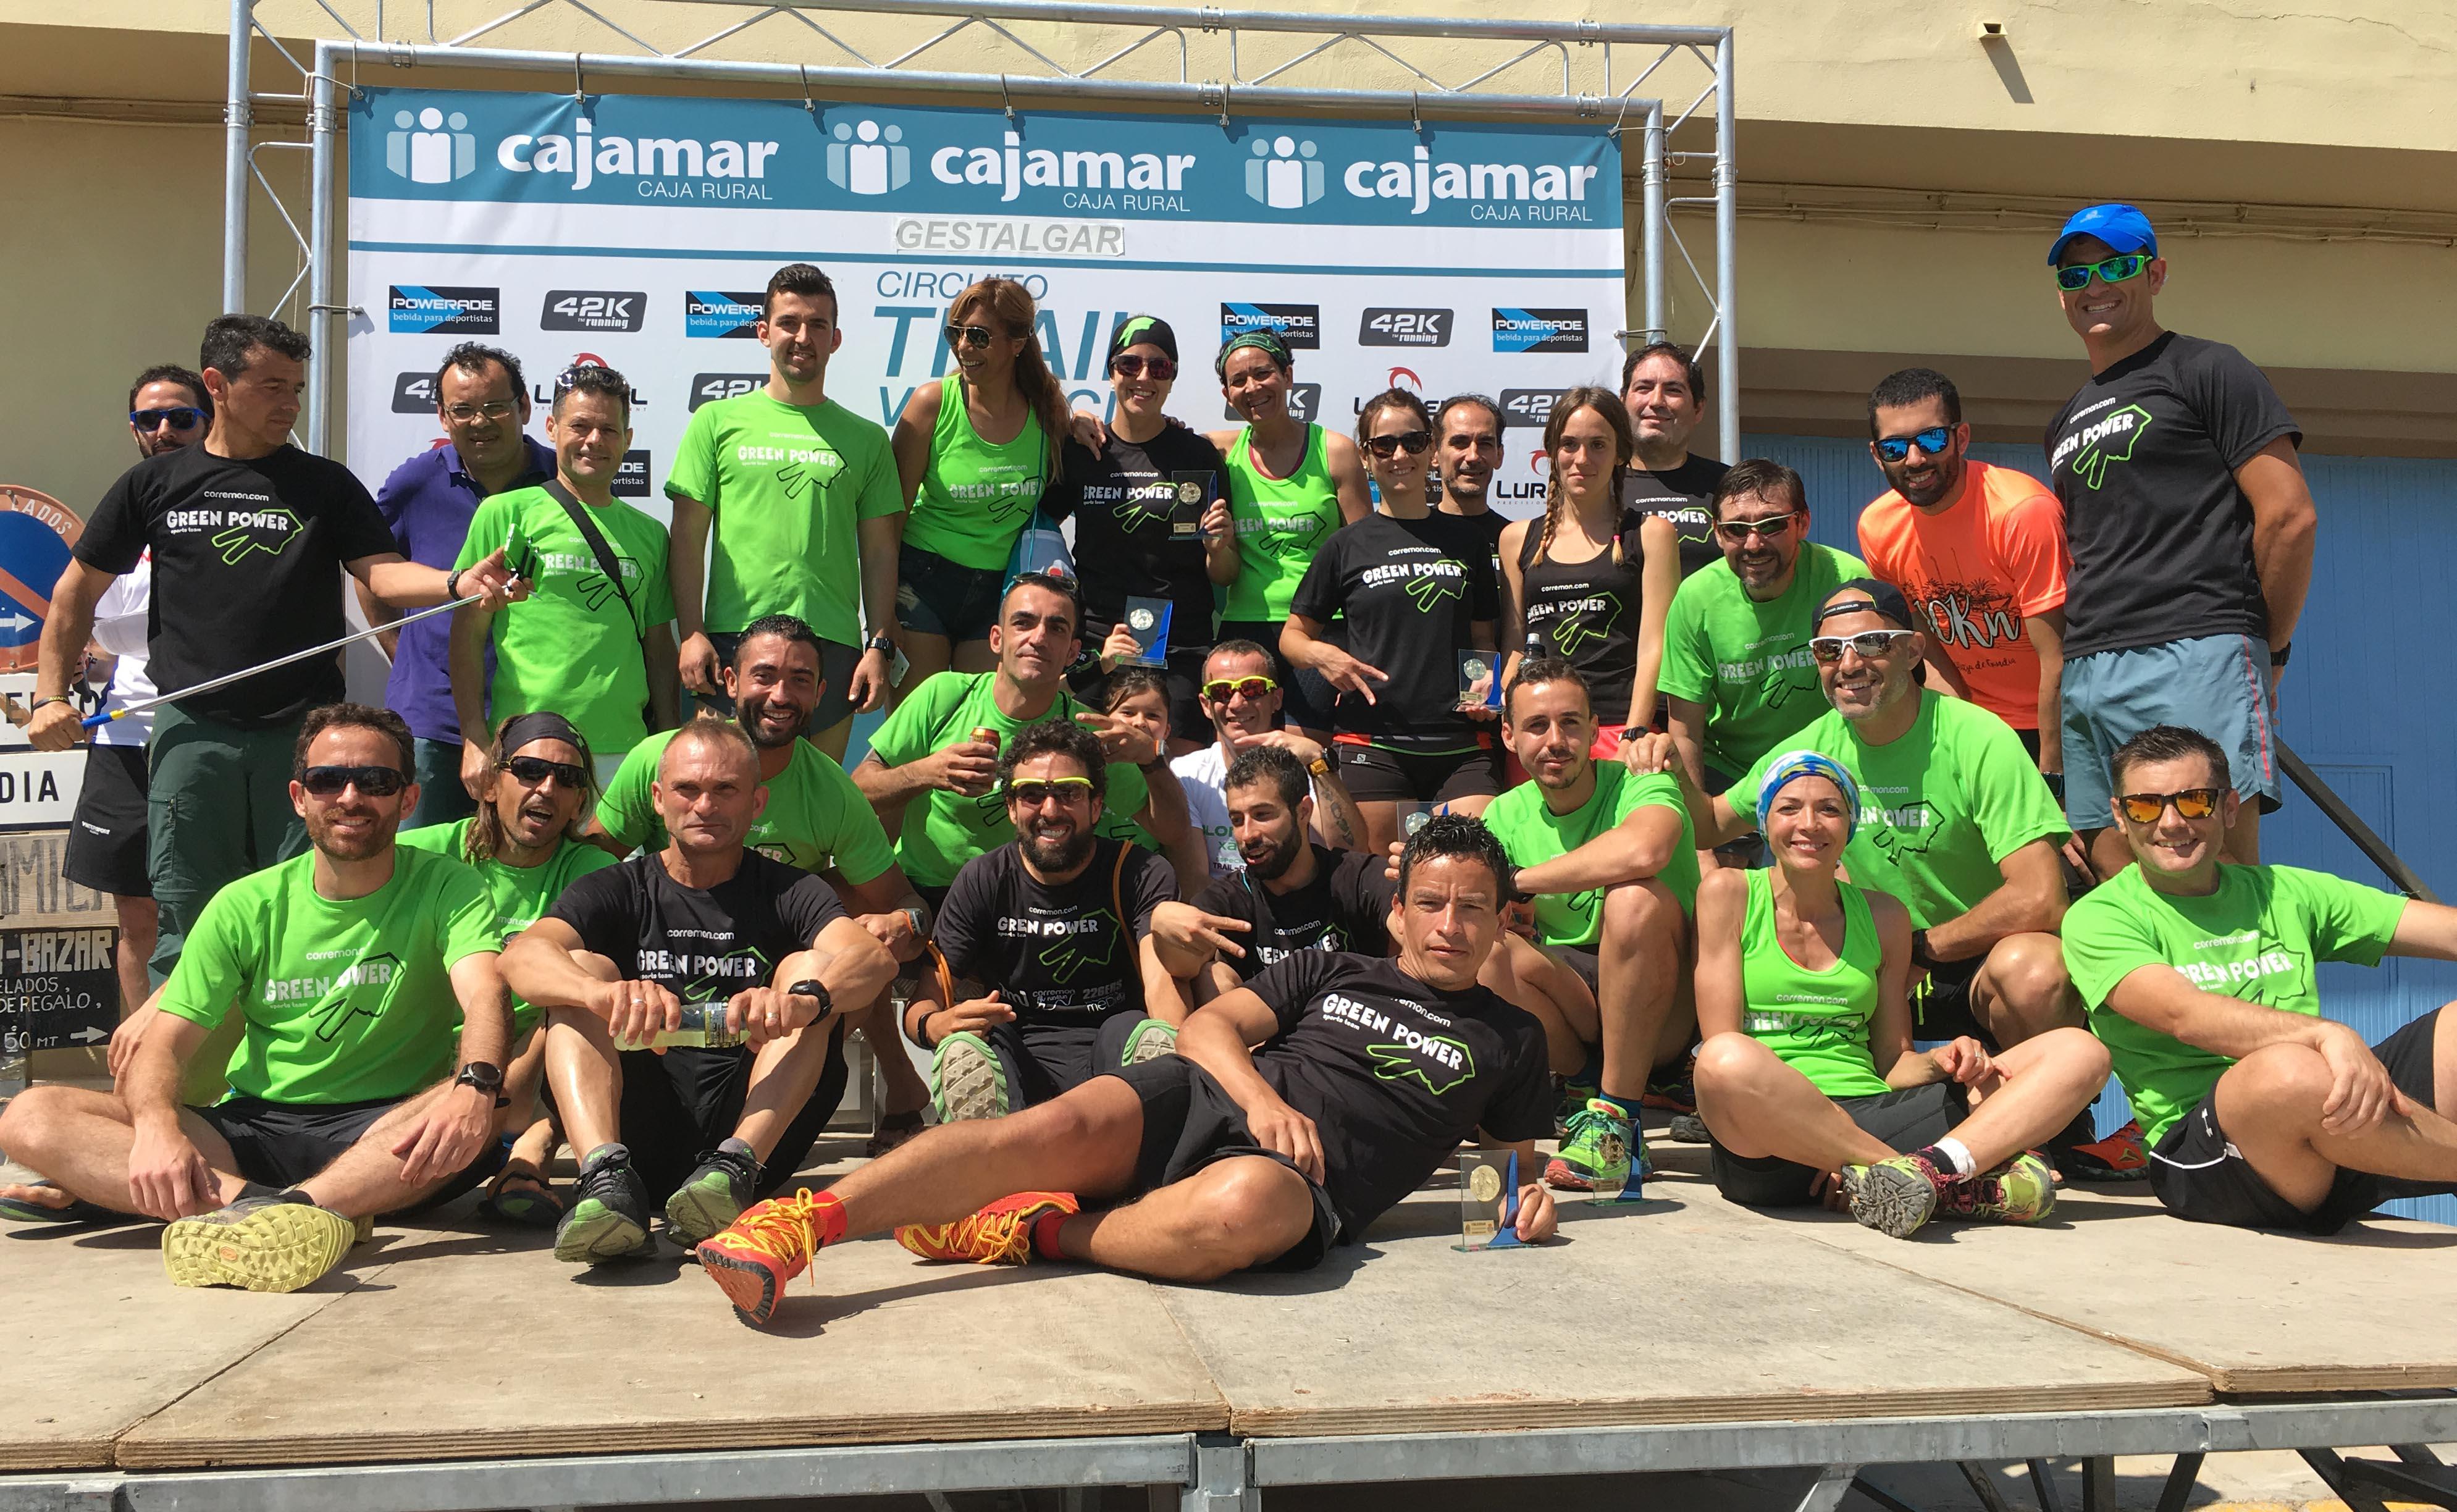 Por equipos, en ambas modalidades el ganador ha sido el Green Power Sports Team.